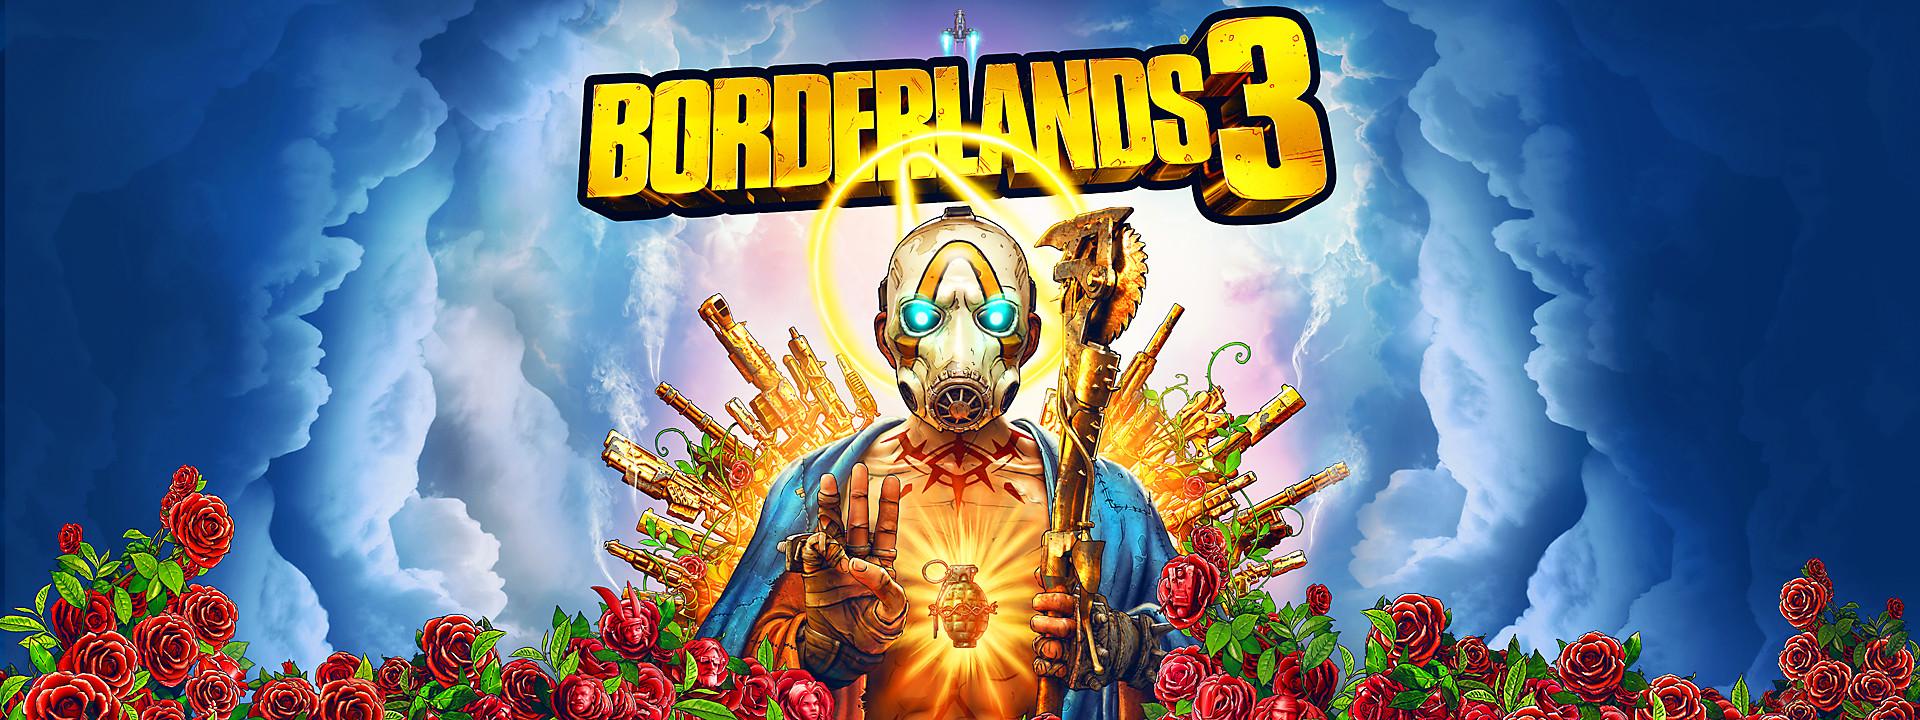 Borderlands 3 Game Ps4 Playstation